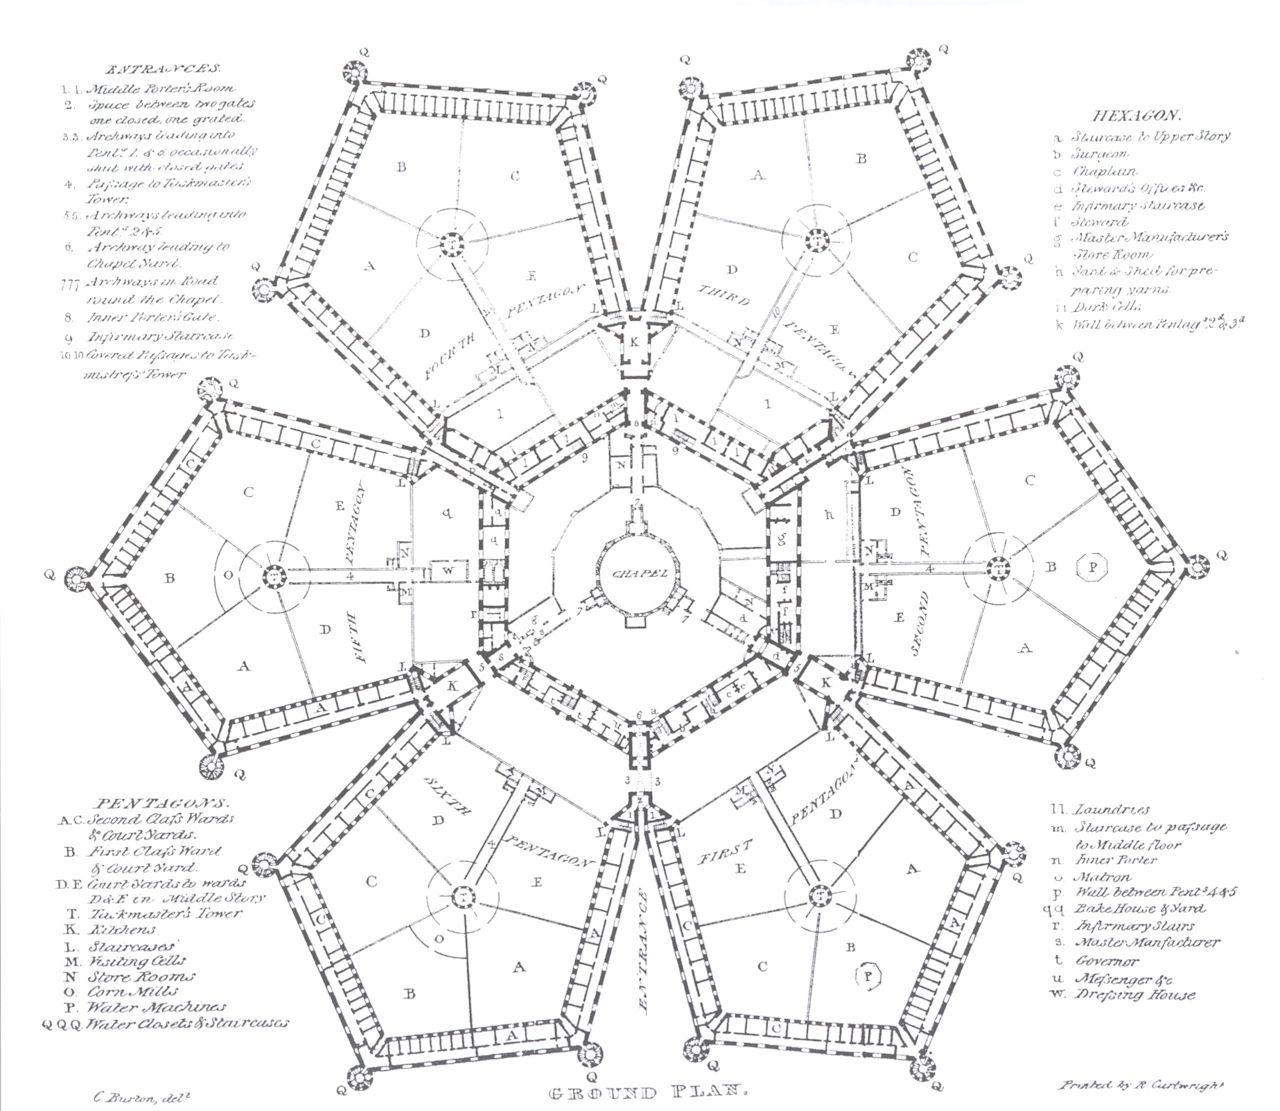 Plan Of Millbank Prison In London